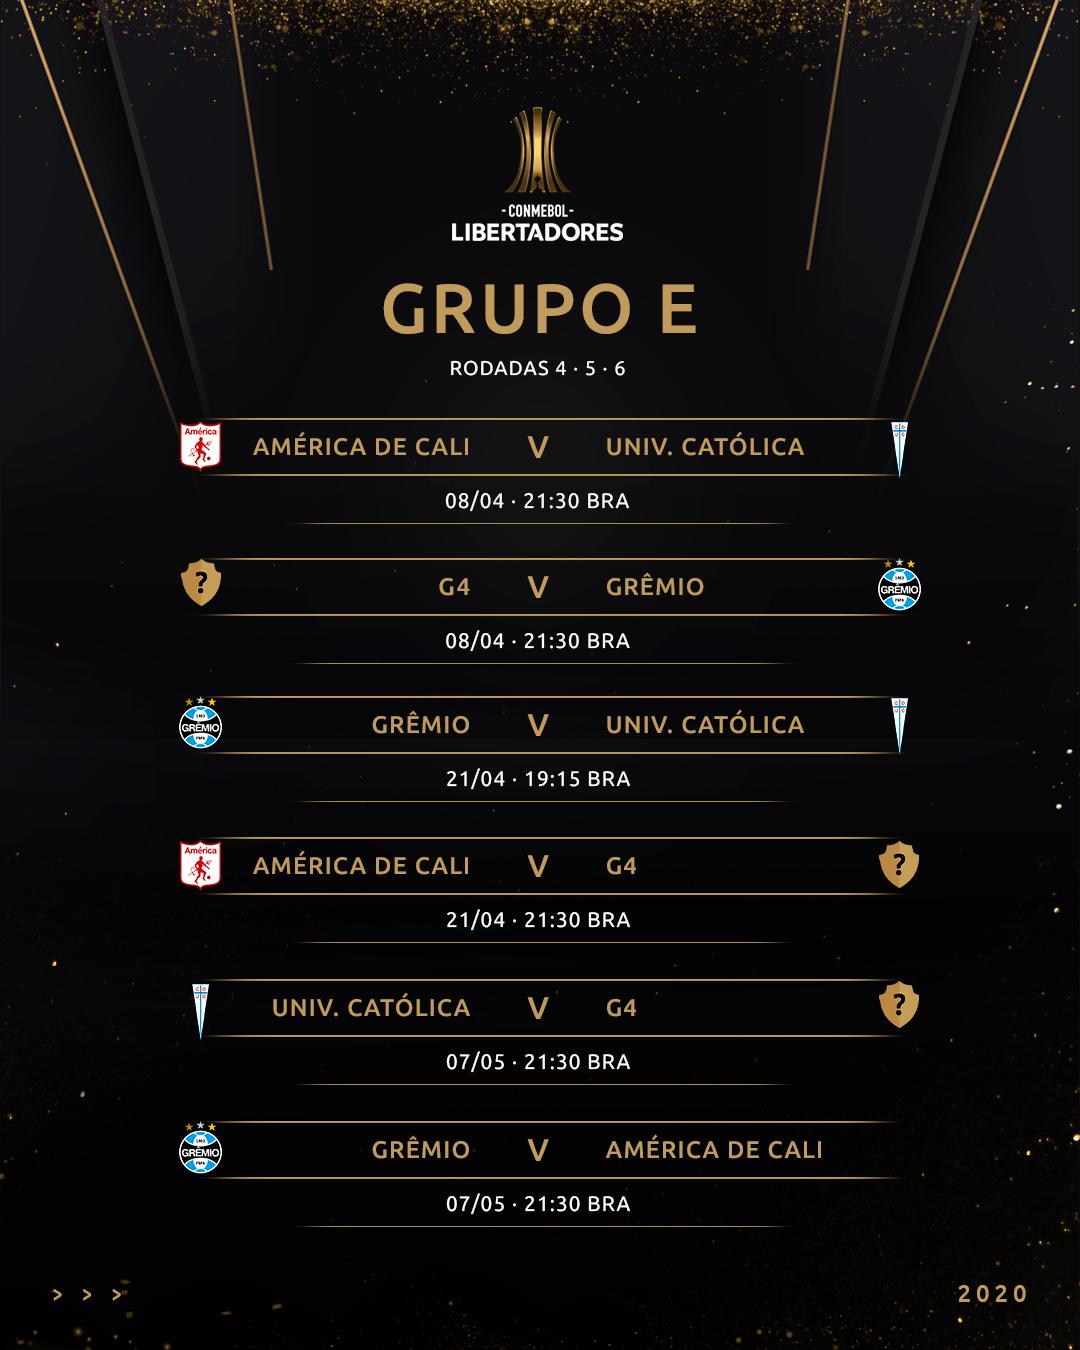 Grupo E - tabela 2 Libertadores